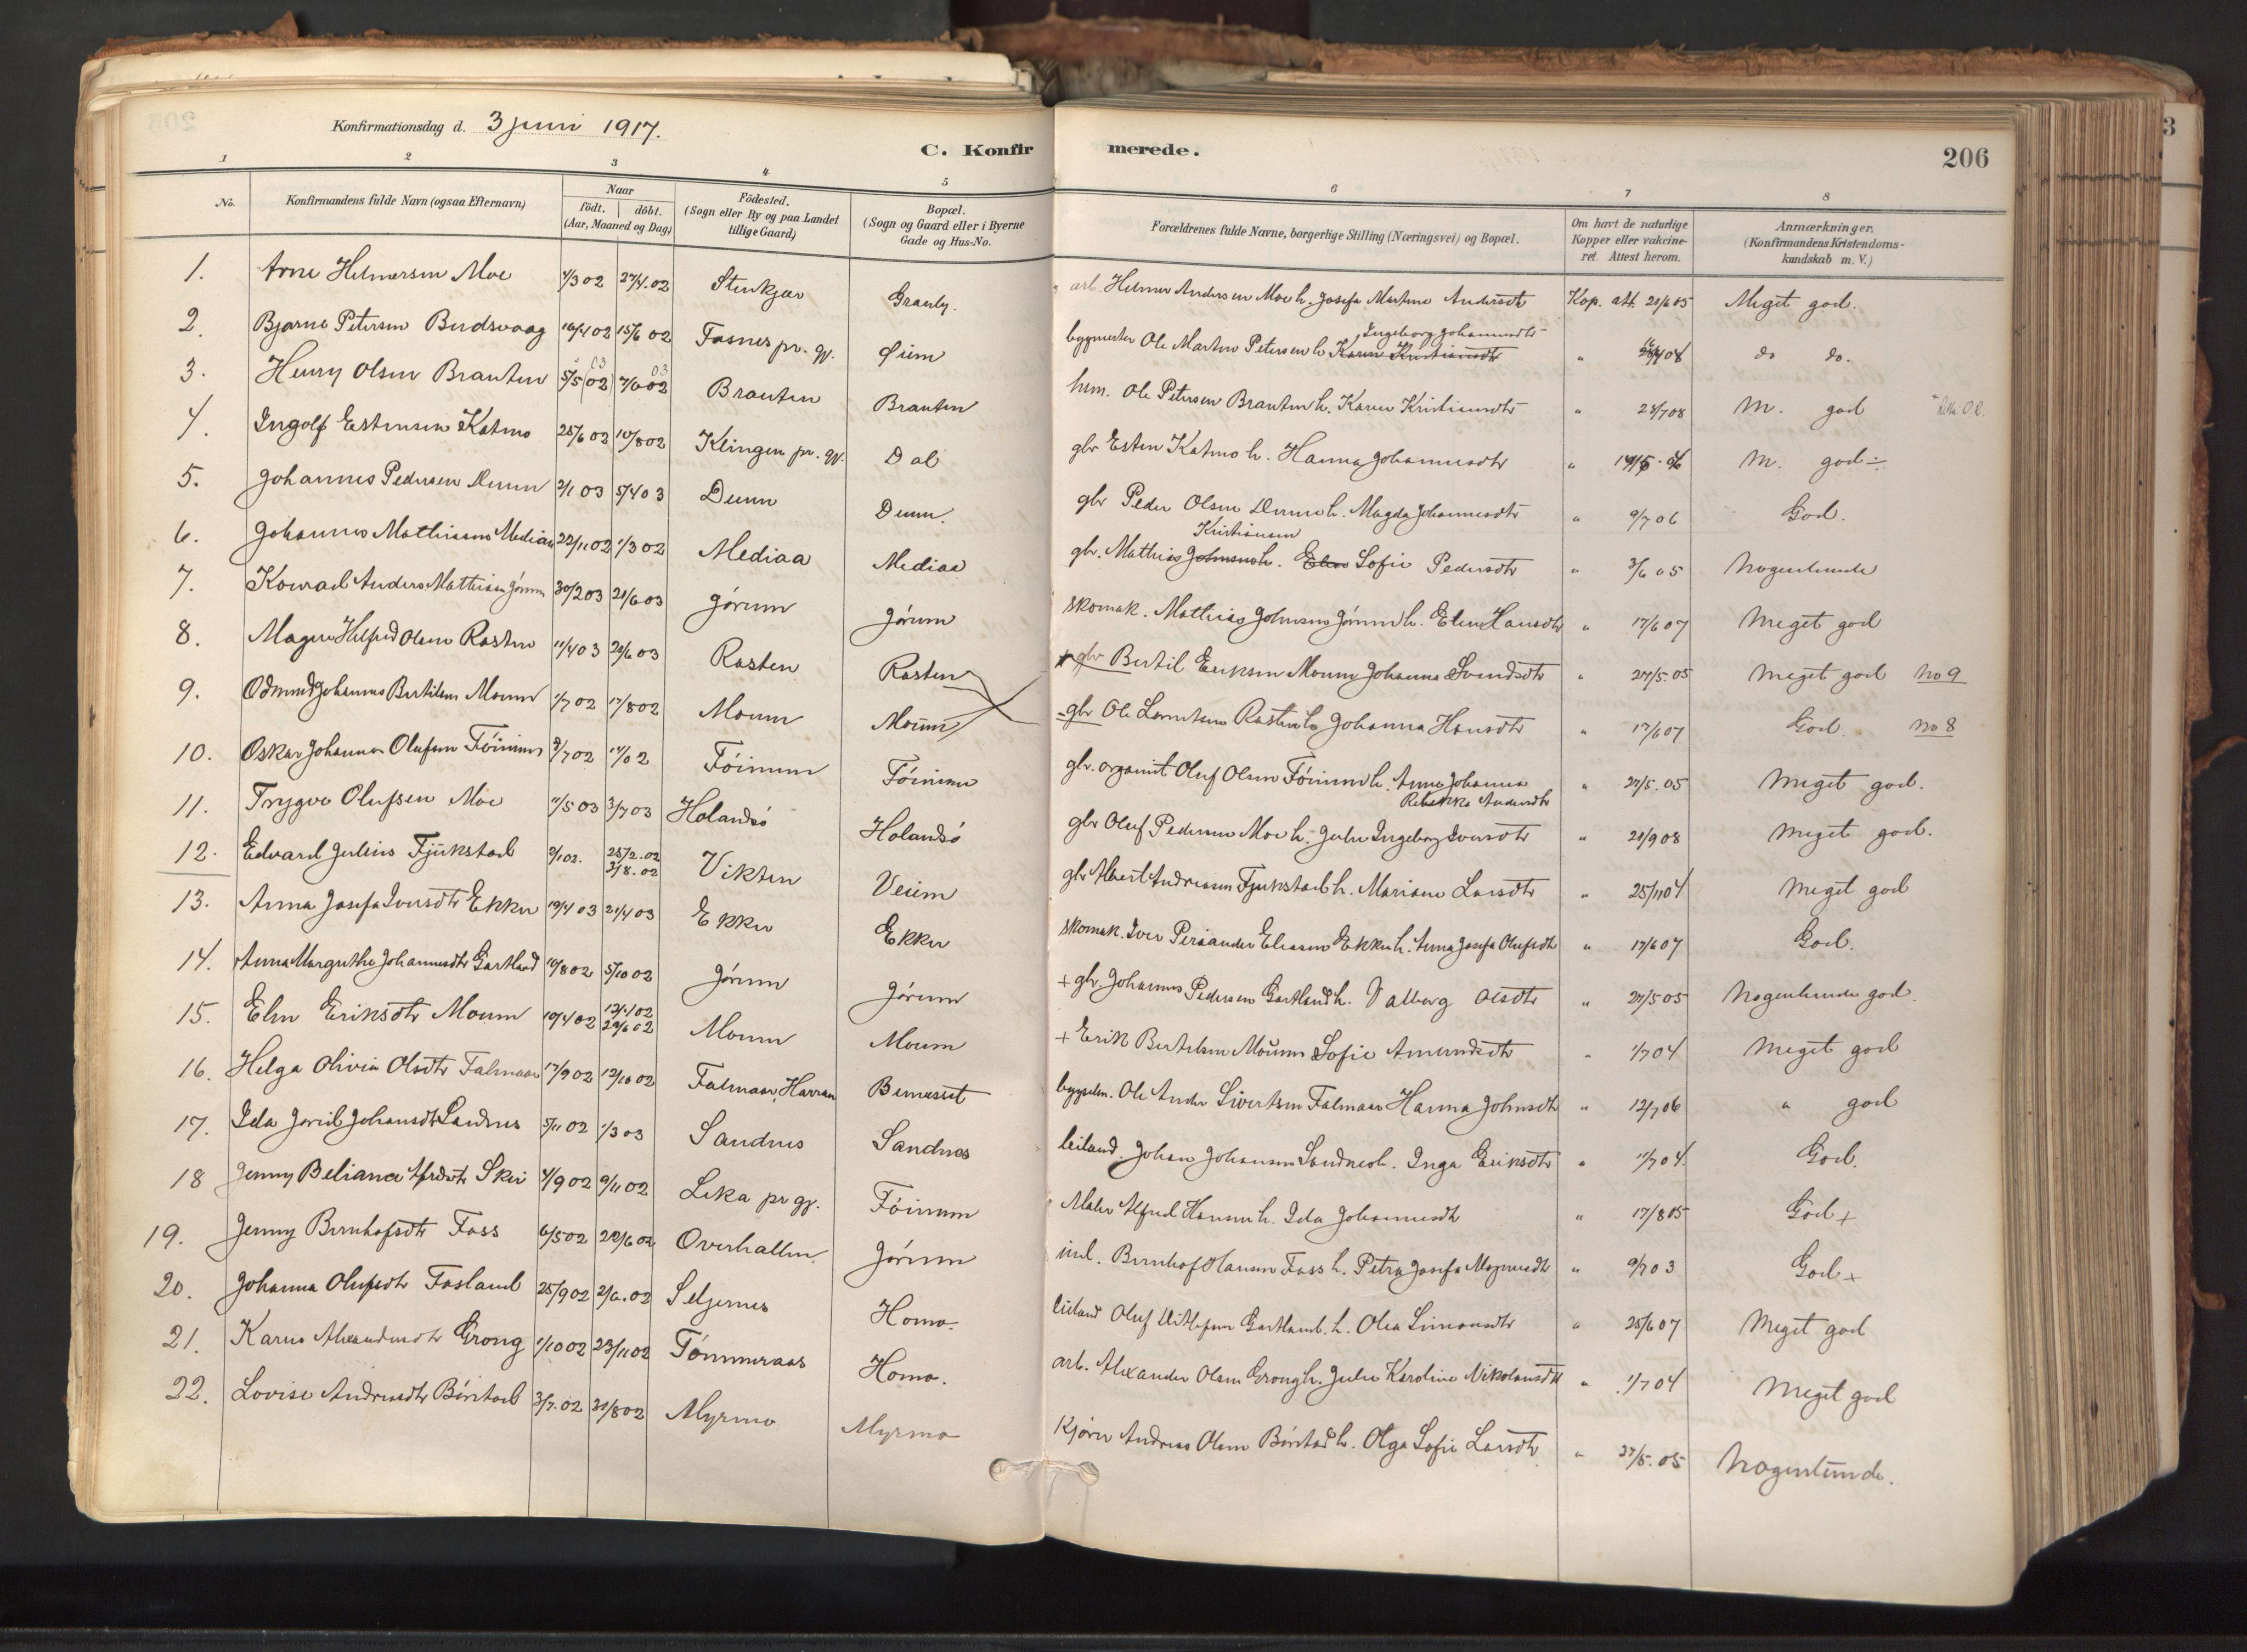 SAT, Ministerialprotokoller, klokkerbøker og fødselsregistre - Nord-Trøndelag, 758/L0519: Ministerialbok nr. 758A04, 1880-1926, s. 206